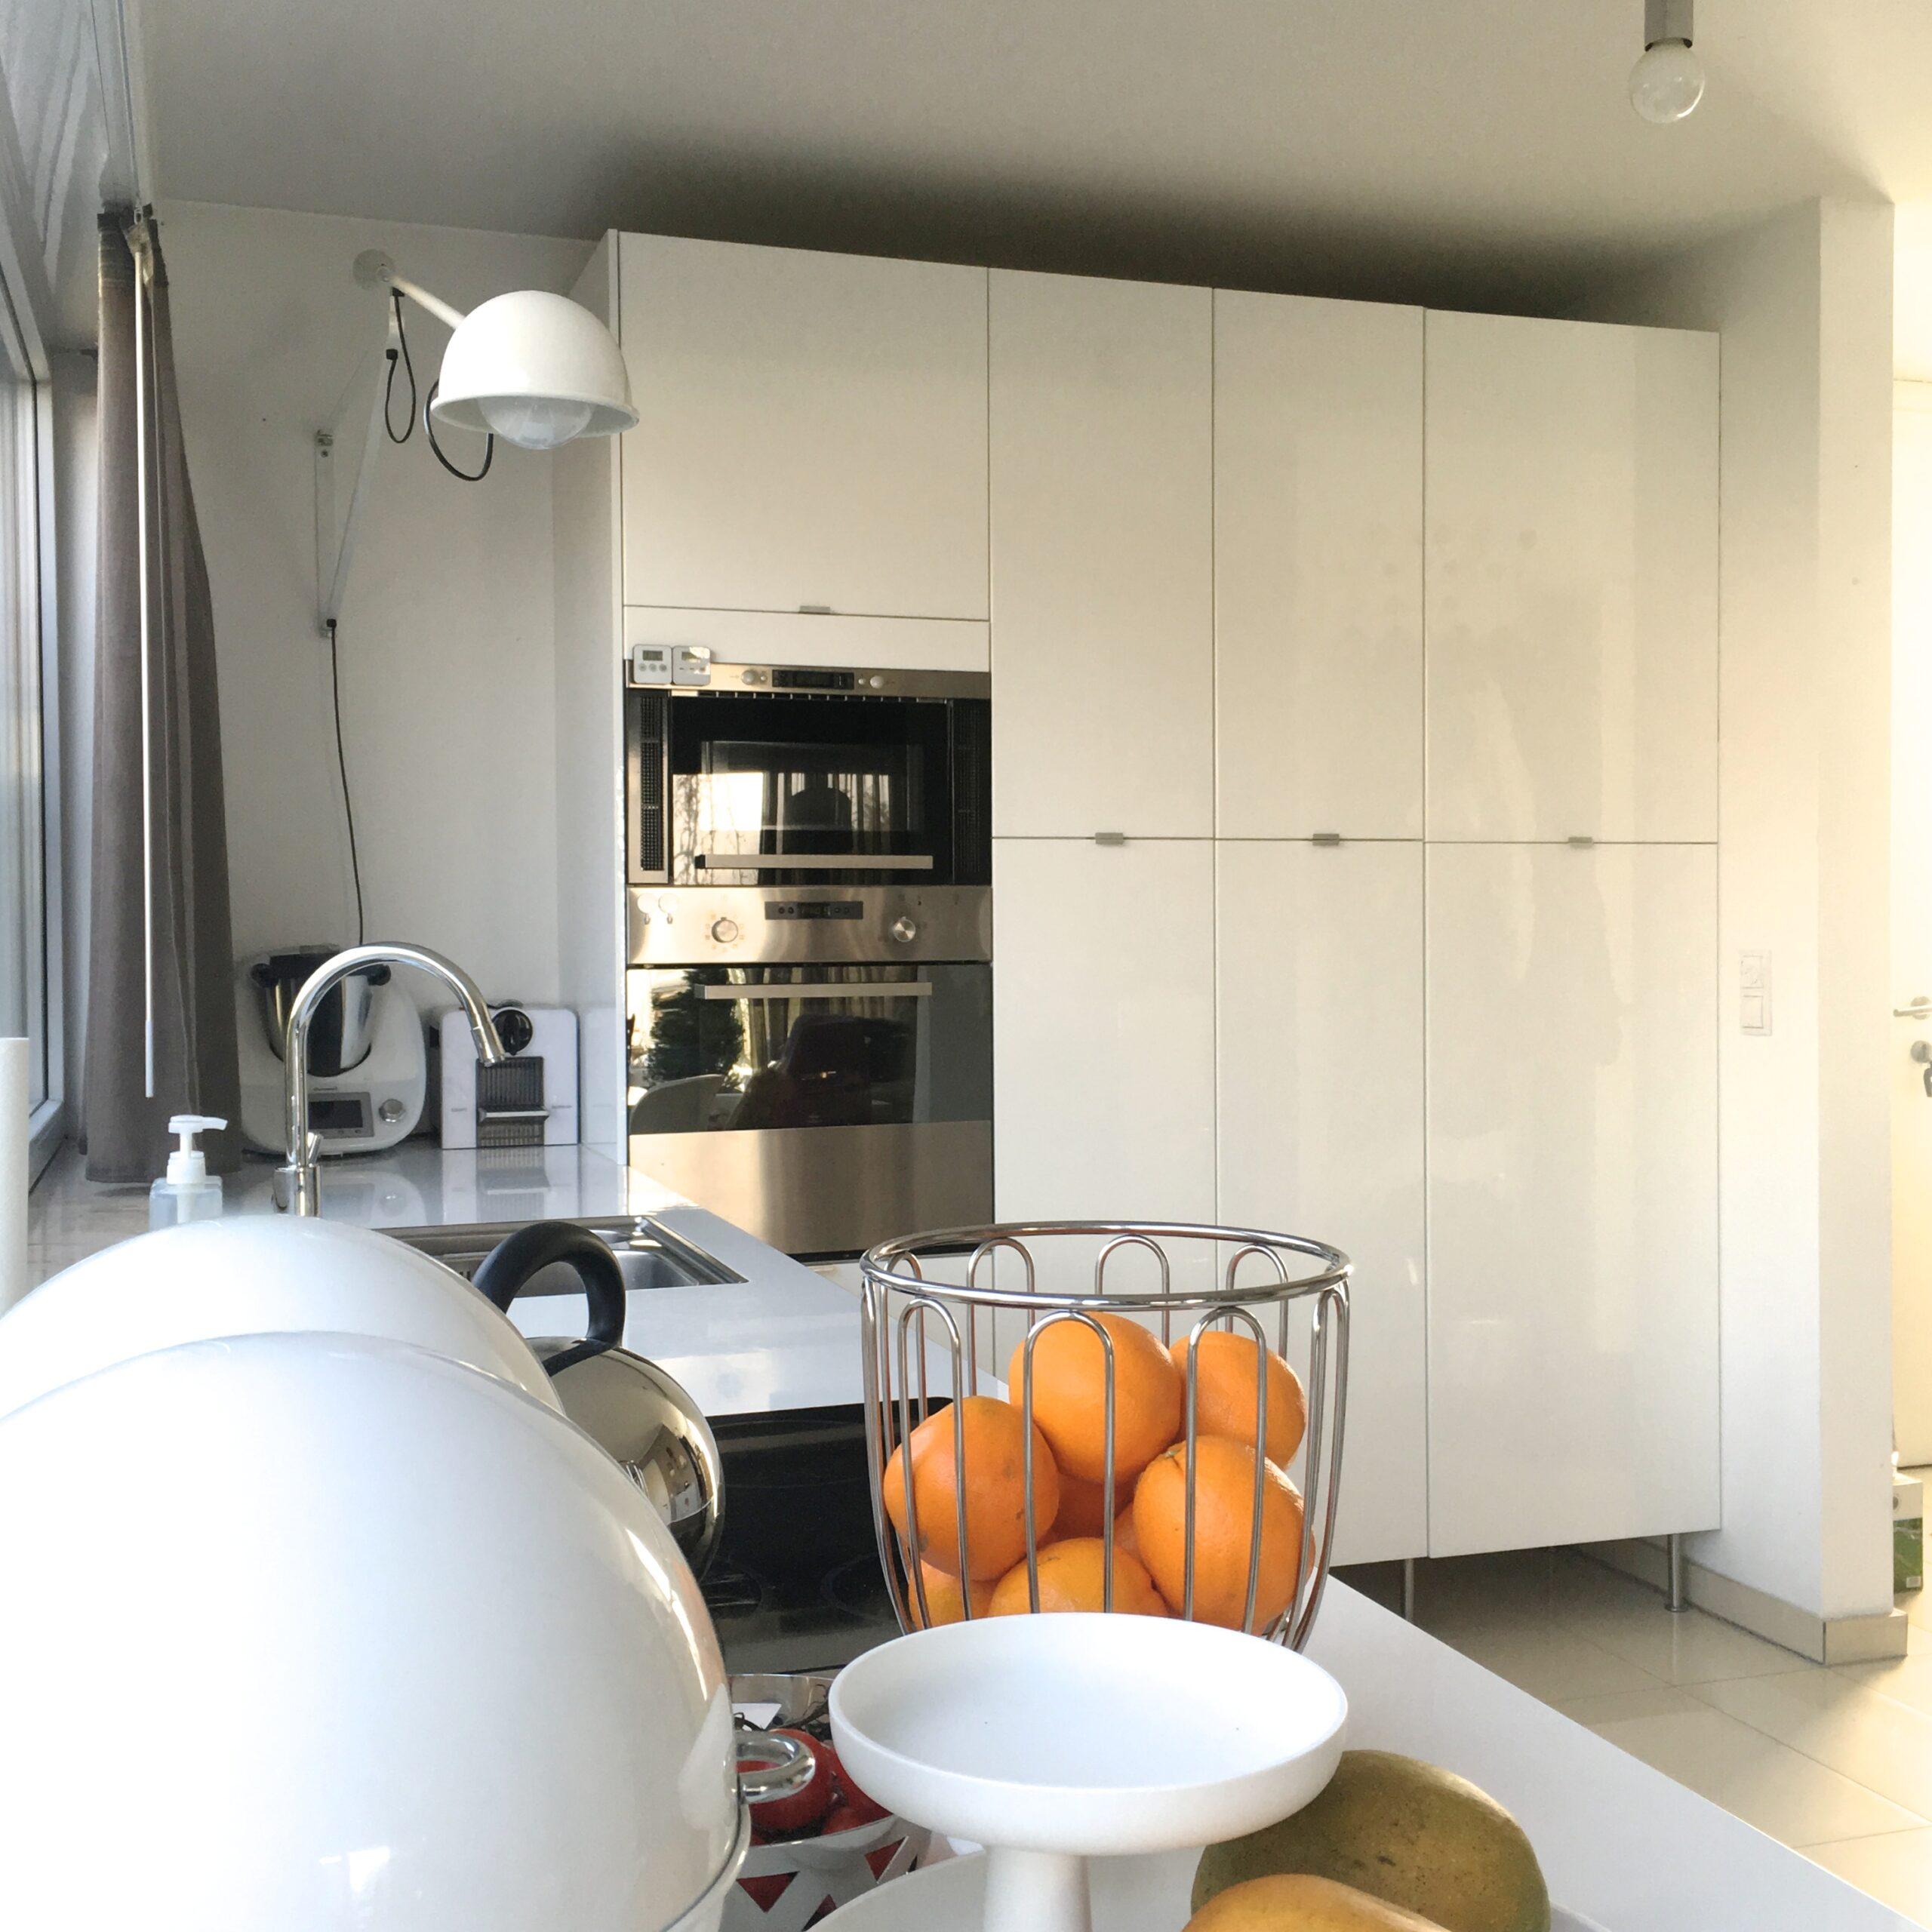 Full Size of Küche Eckschrank Rondell Ikea Kche Low Budget Geht Auch Edel All About Design Miele Outdoor Kaufen Sideboard Mit Arbeitsplatte Hängeschrank Höhe Lieferzeit Wohnzimmer Küche Eckschrank Rondell